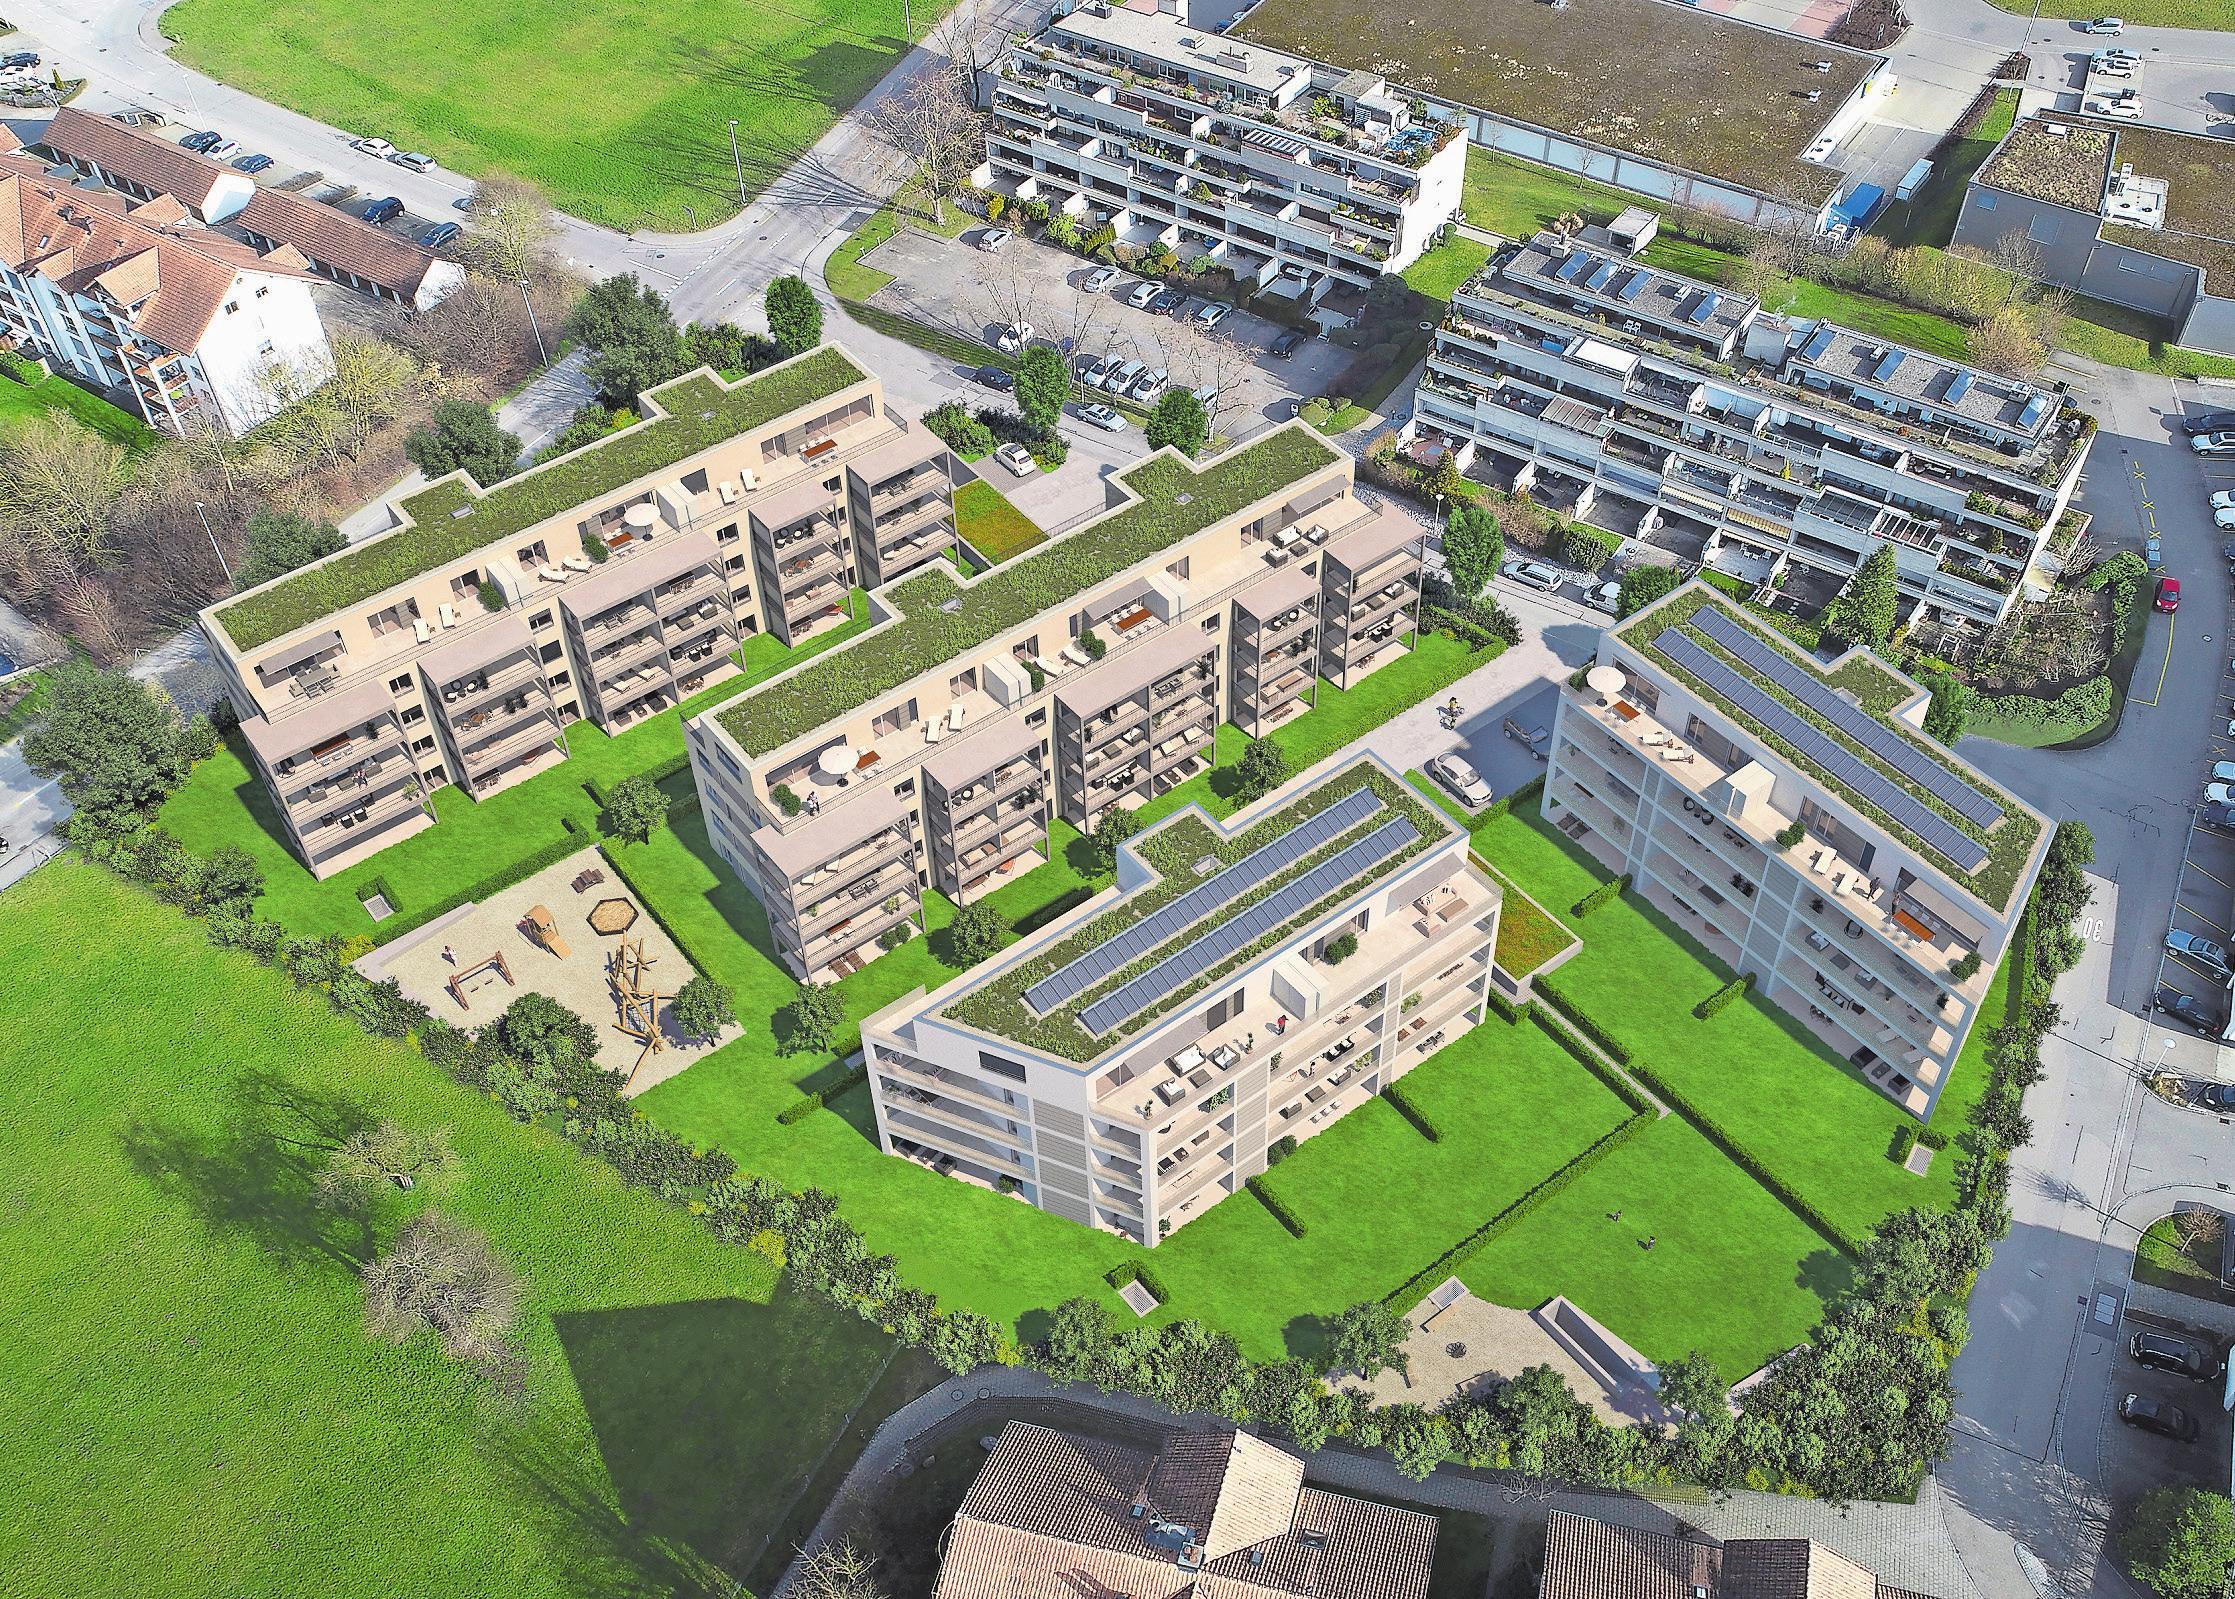 Die vier Mehrfamilienhäuser fügen sich perfekt in die Umgebung ein und bieten viel Grünfläche für ihre Bewohner. Bild: PD